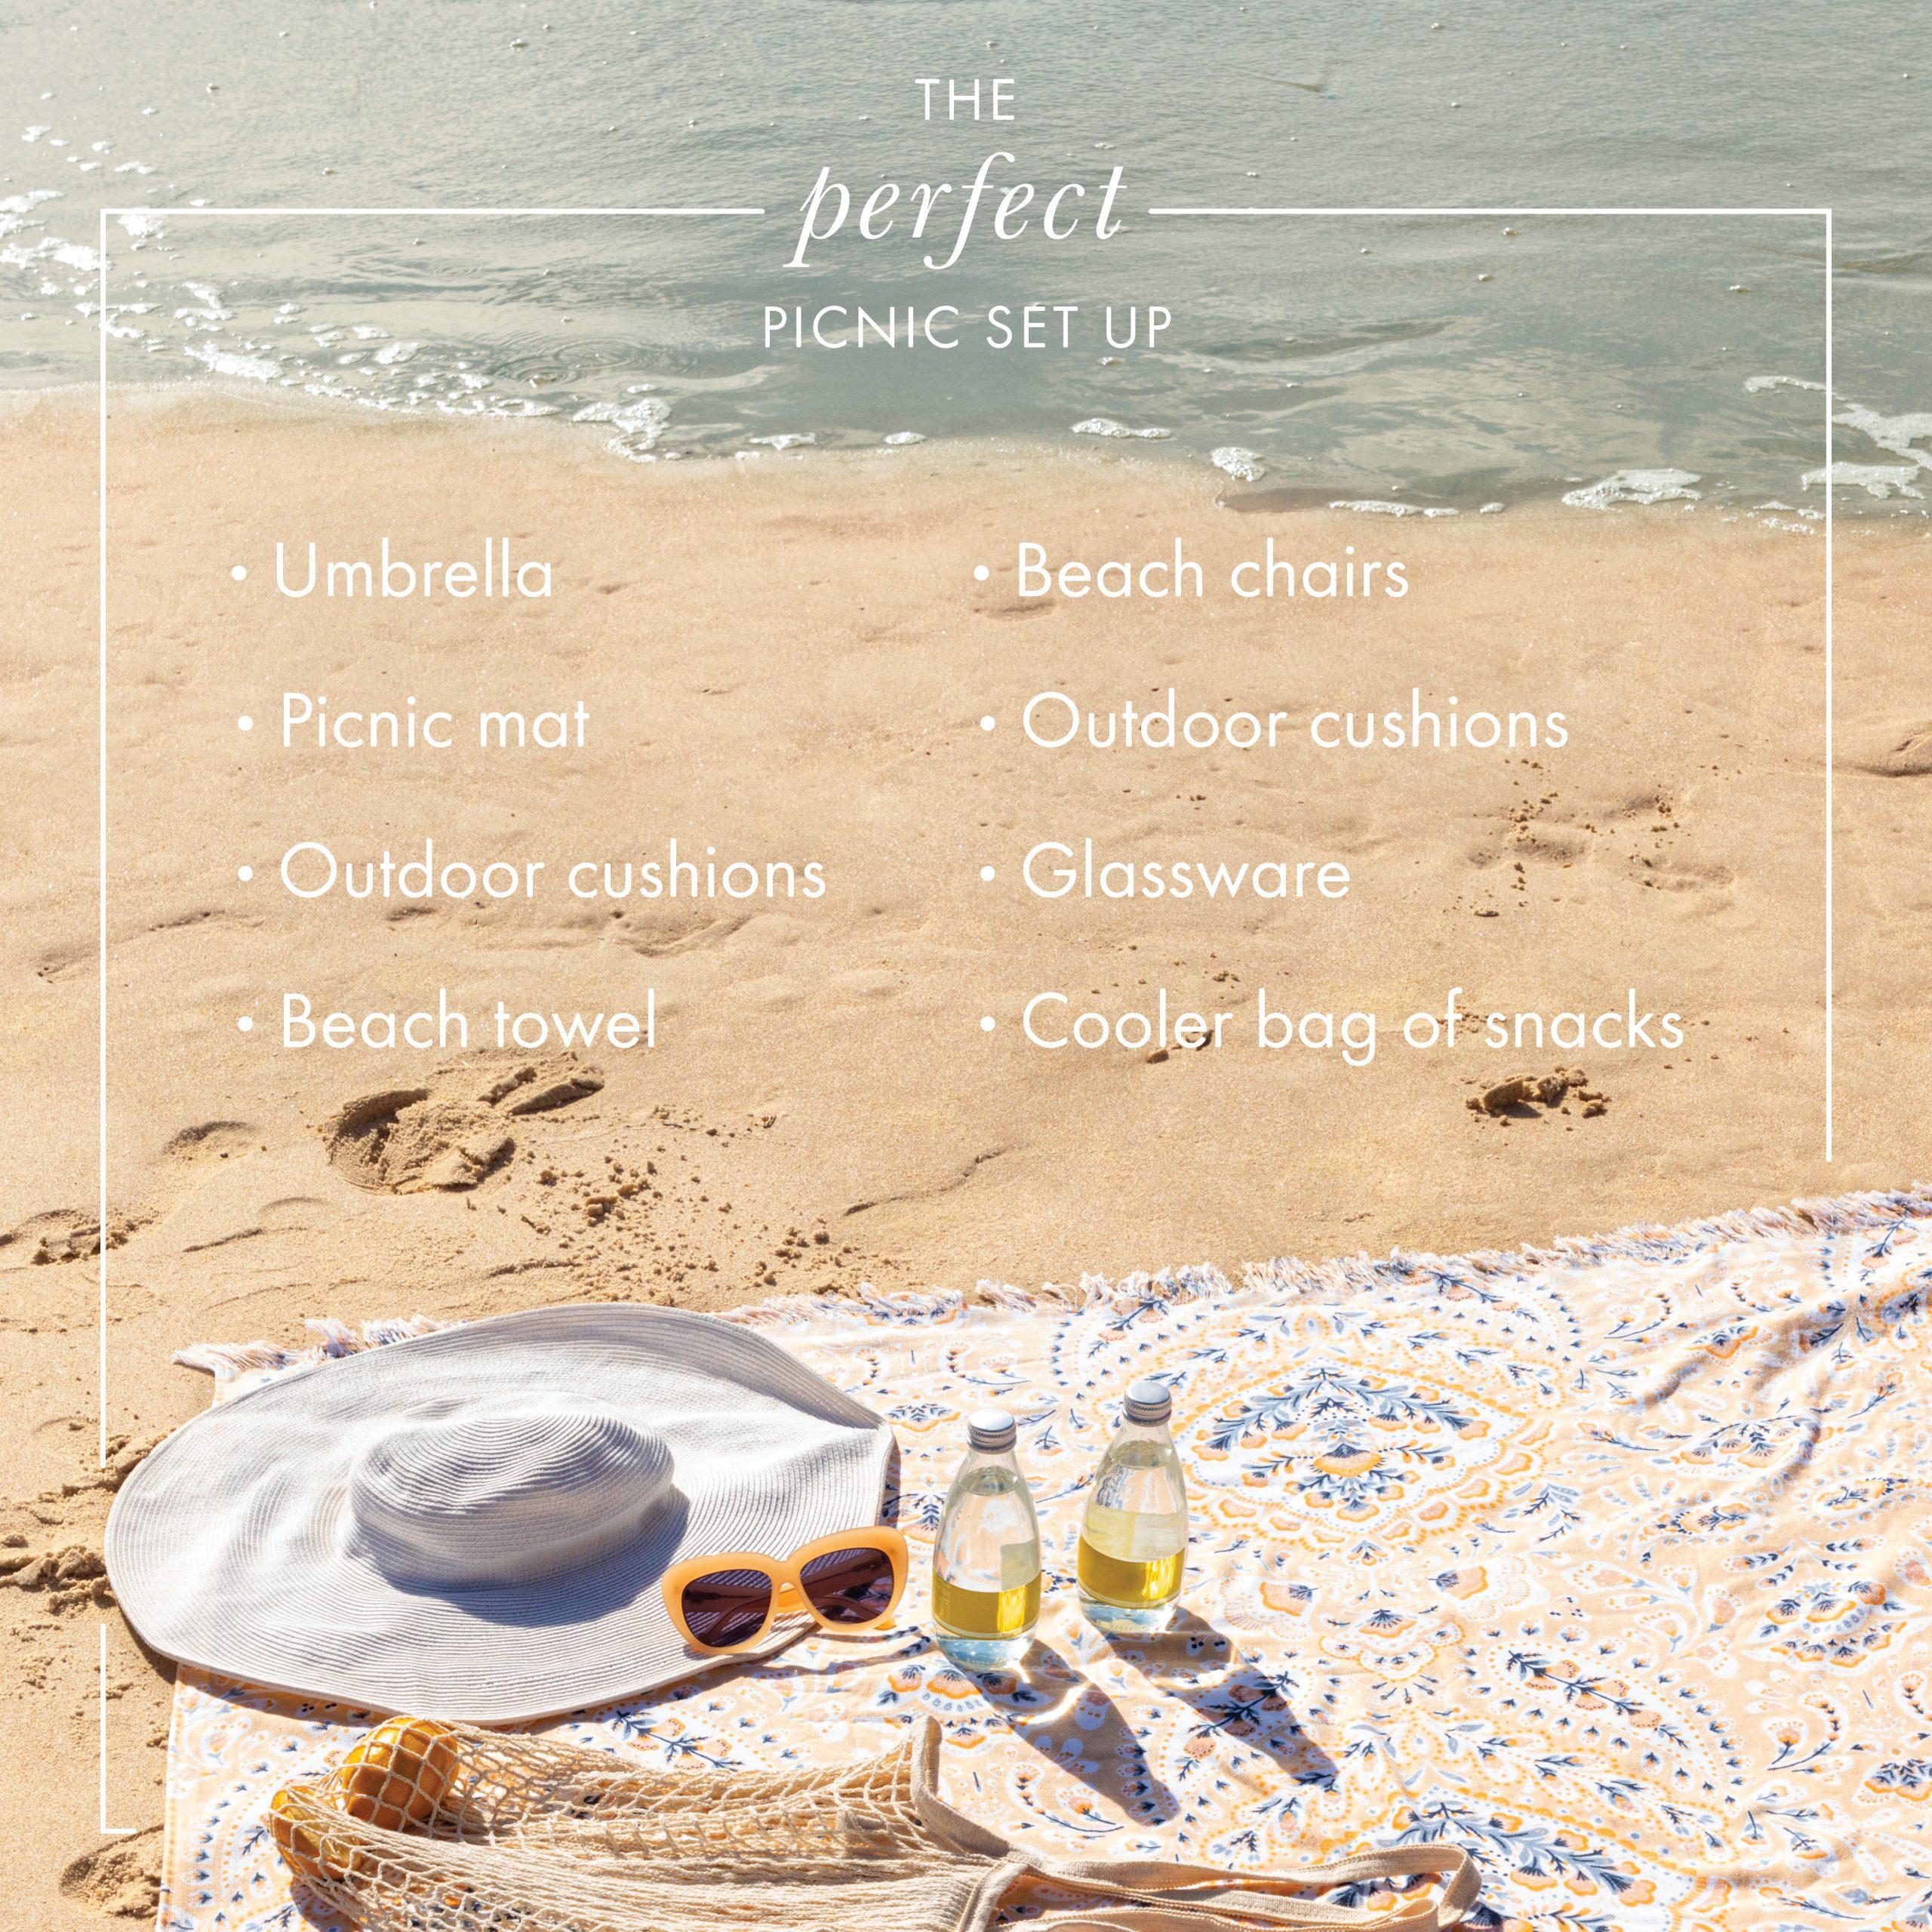 The perfect picnic checklist